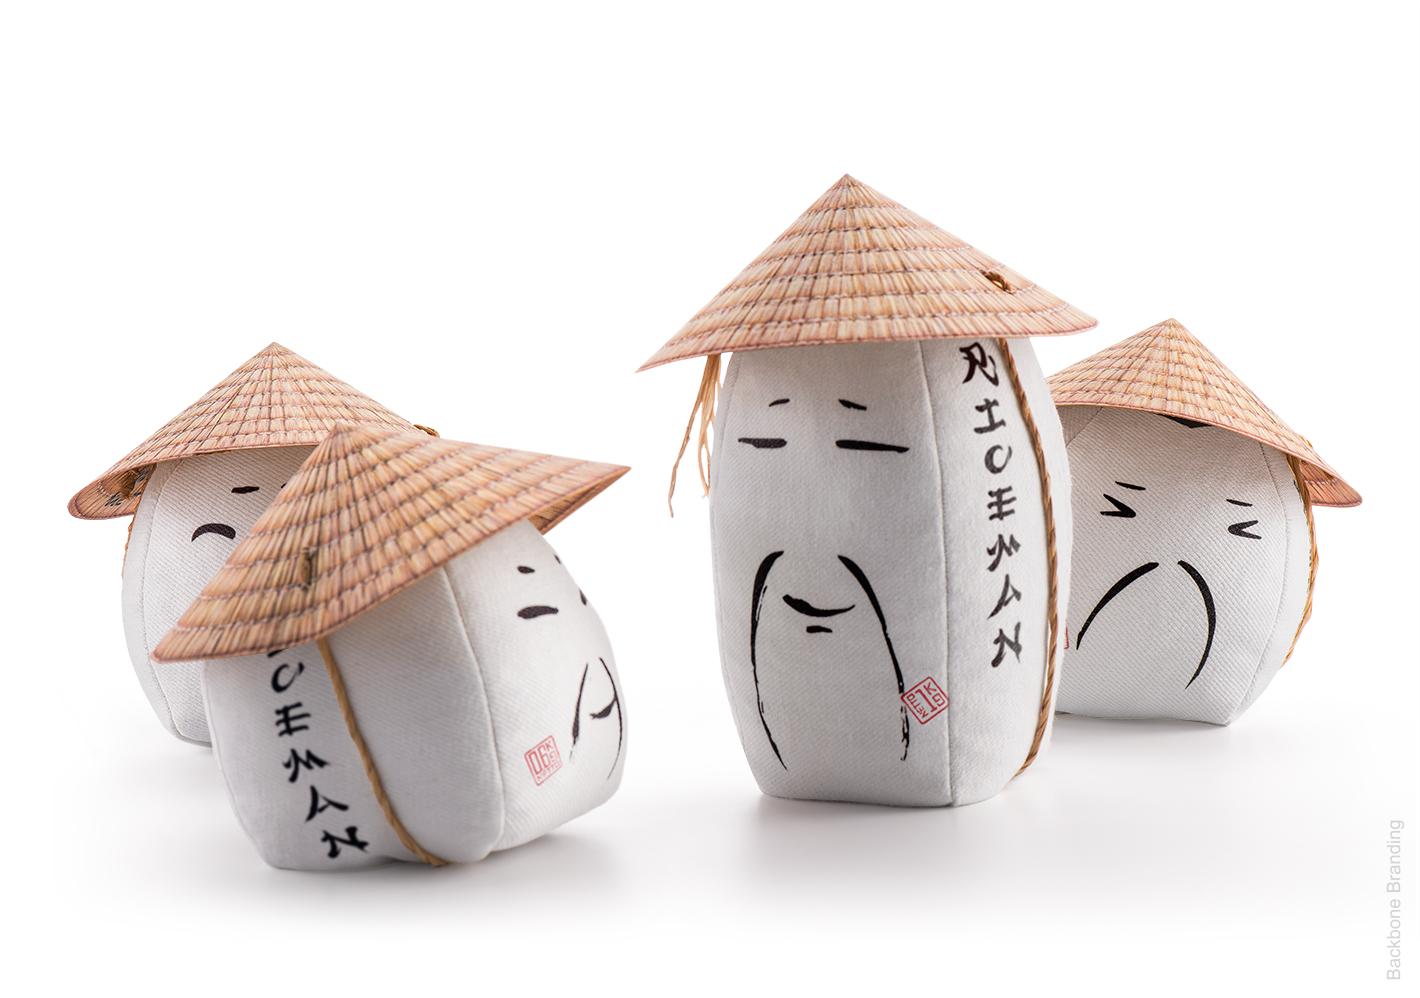 向农民致敬:Riceman大米创意包装袋设计